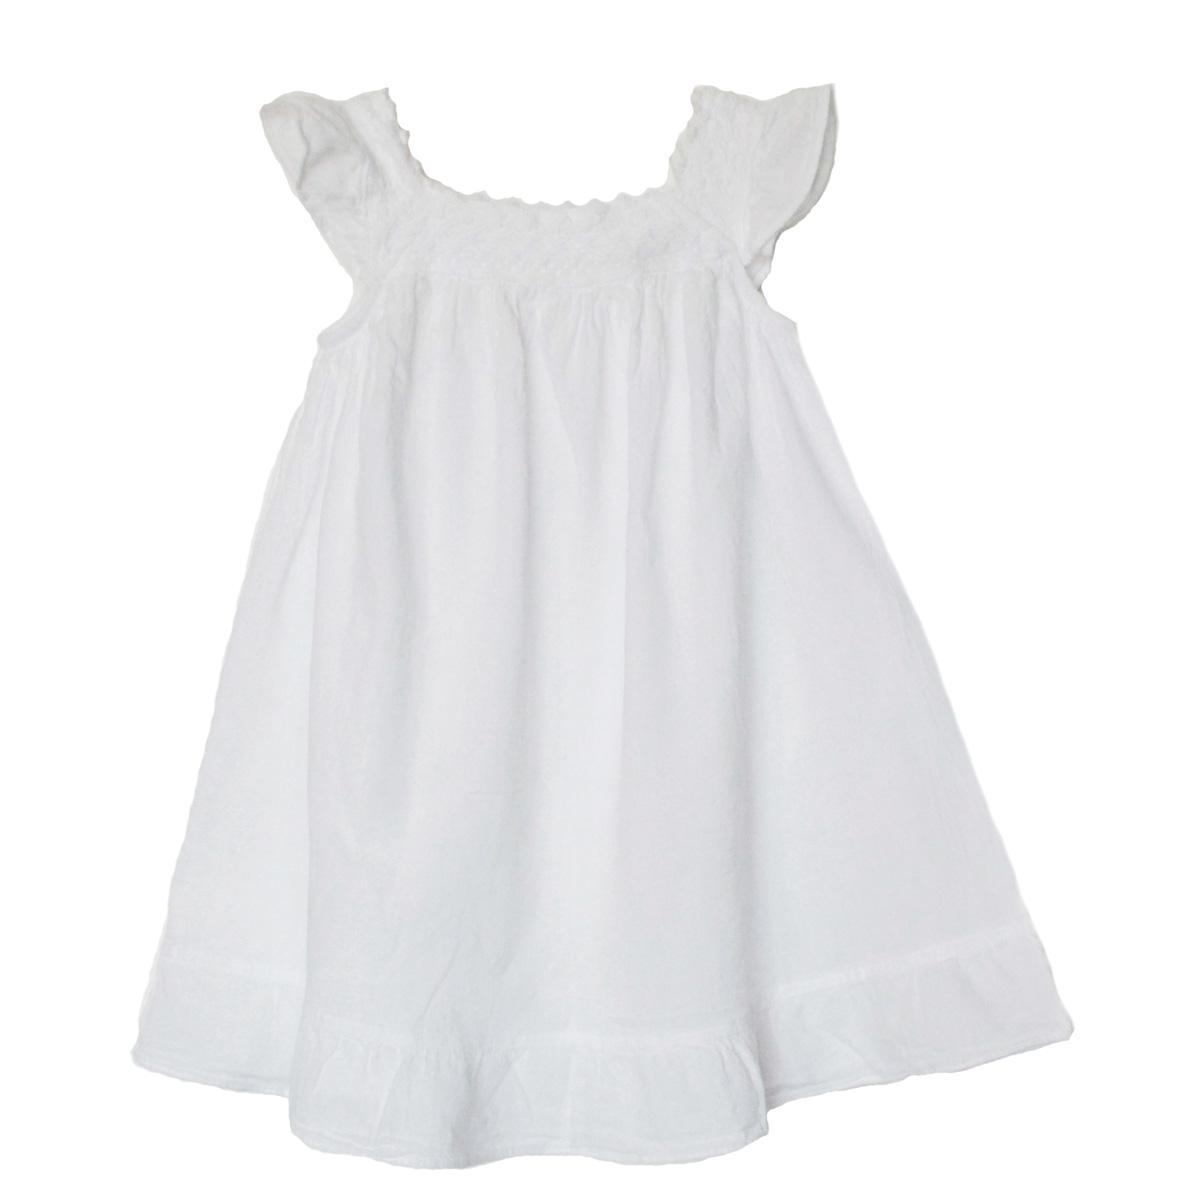 Inka-Products-Robe Fille Épaules Dénudées-En Coton Broderie Péruvienne-2